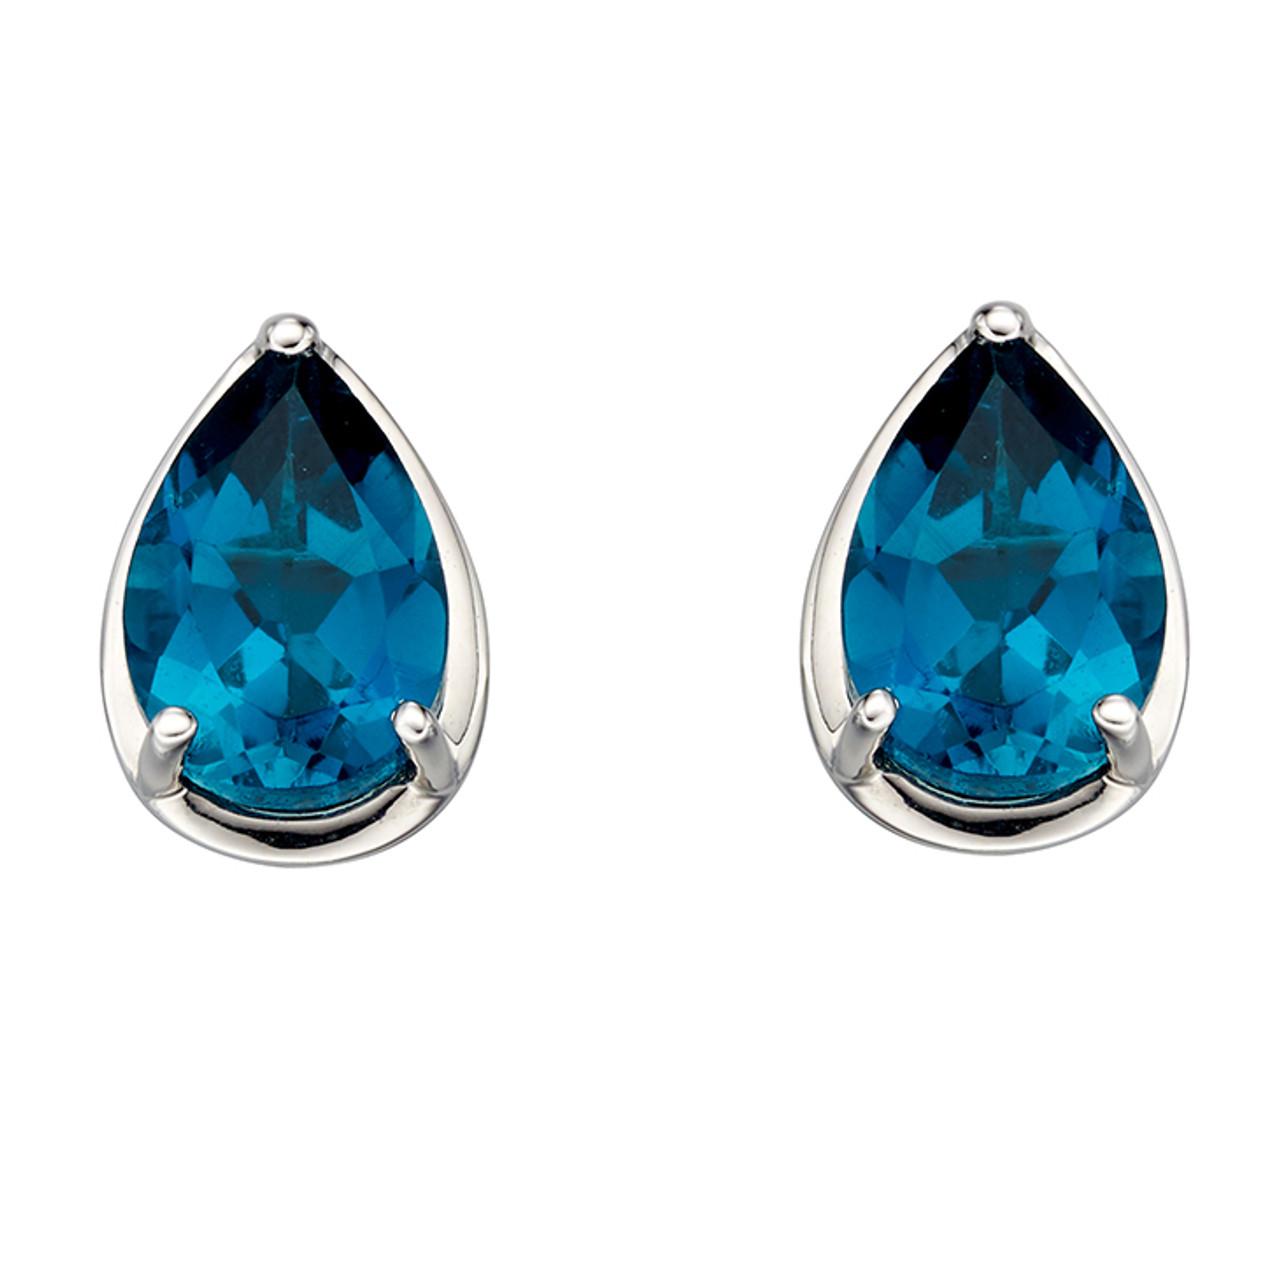 9ct White Gold & Blue Topaz Stud Earrings